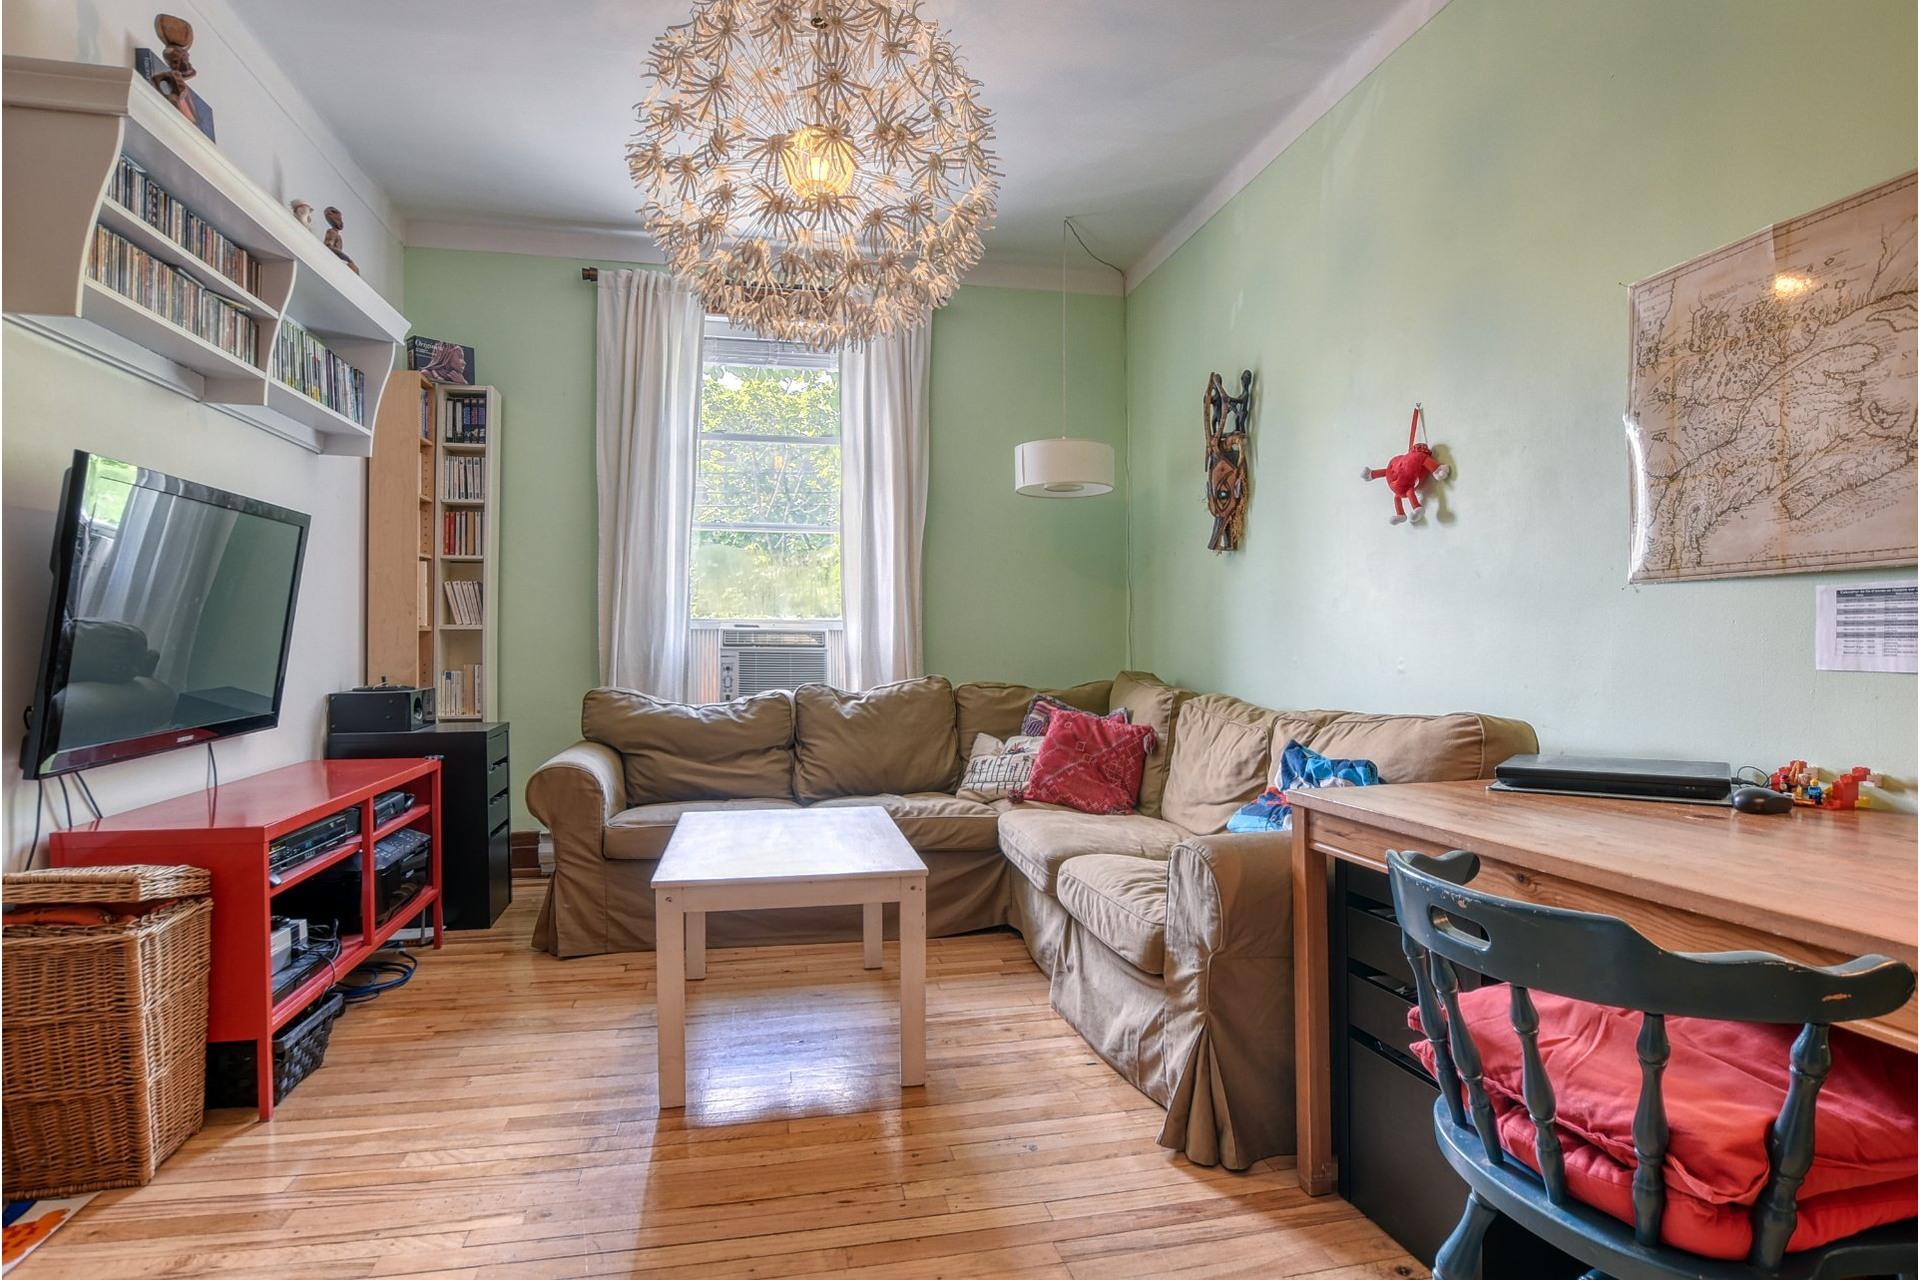 image 8 - Duplex À vendre Rosemont/La Petite-Patrie Montréal  - 6 pièces